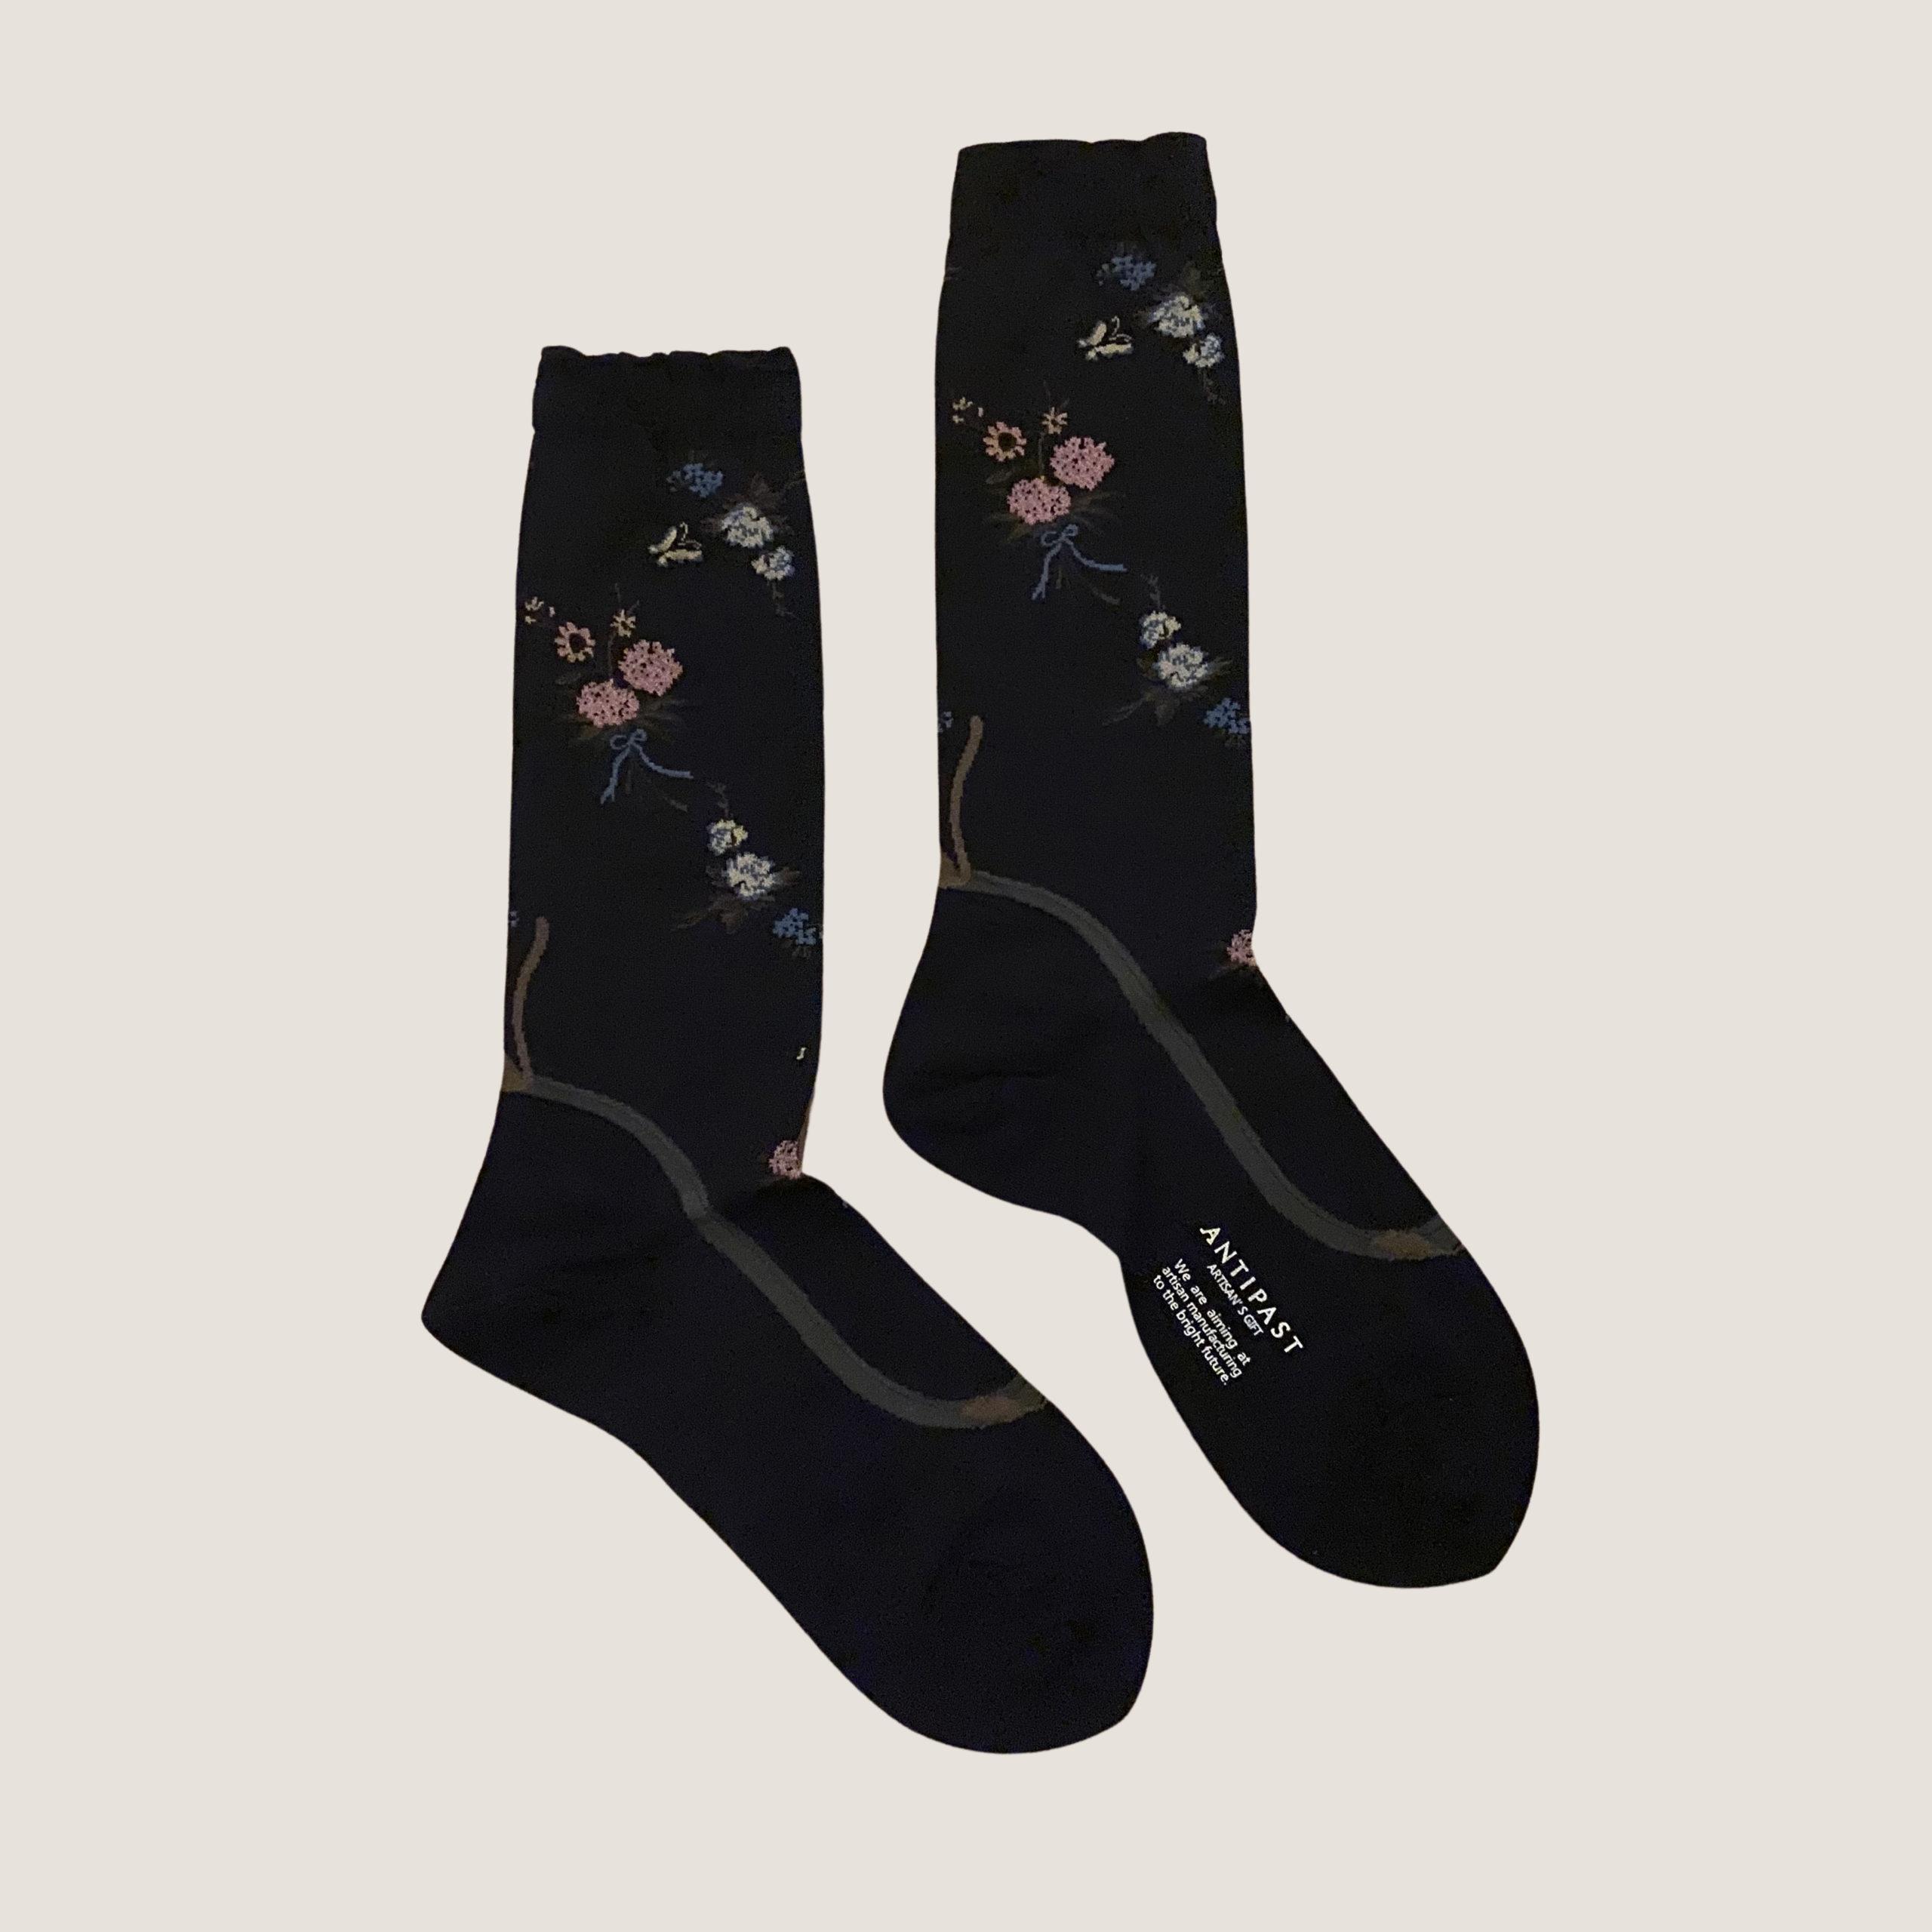 Socks - AM529A